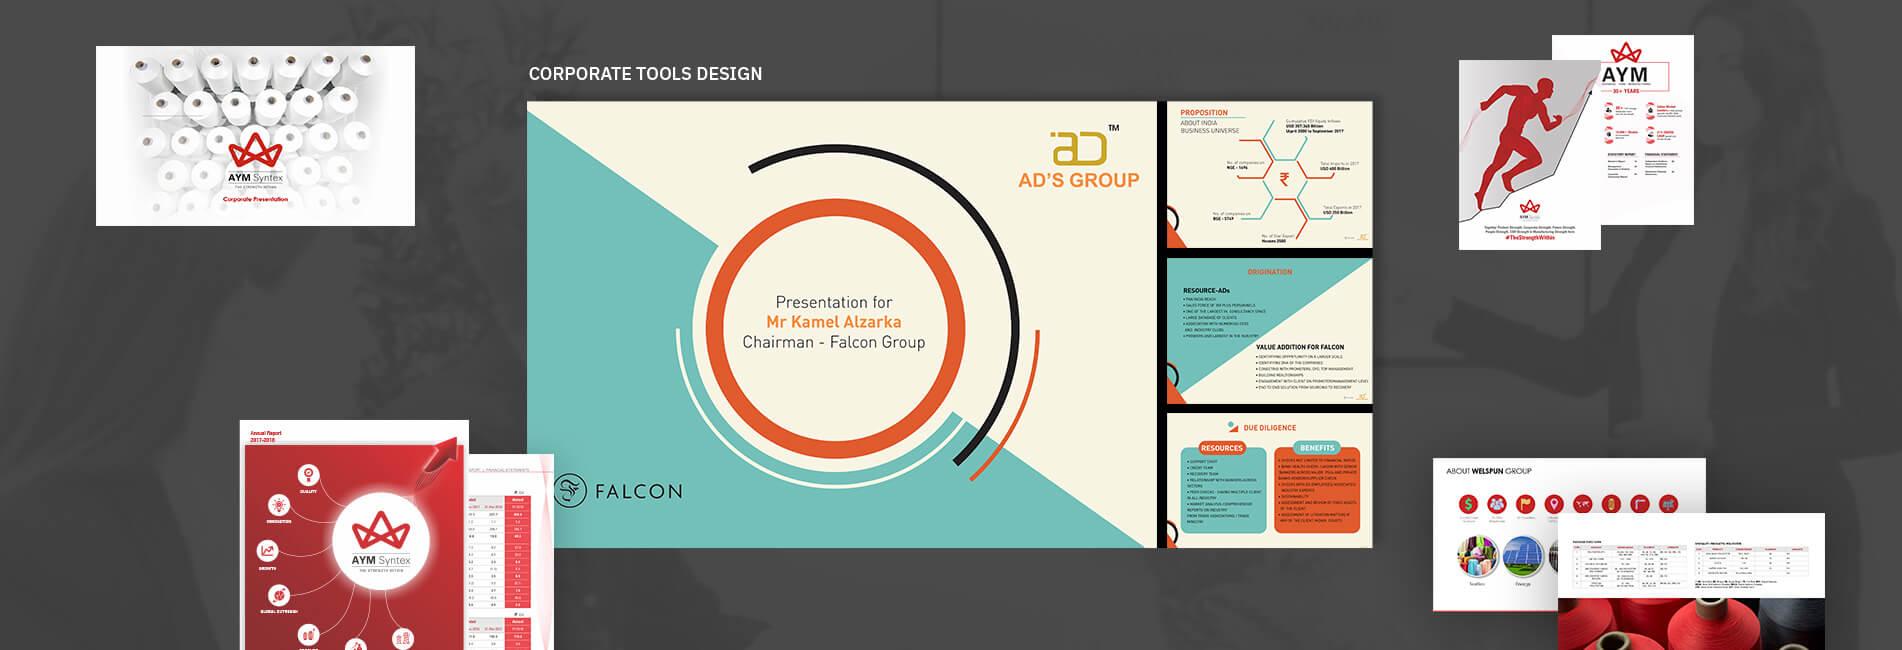 corporate tools design